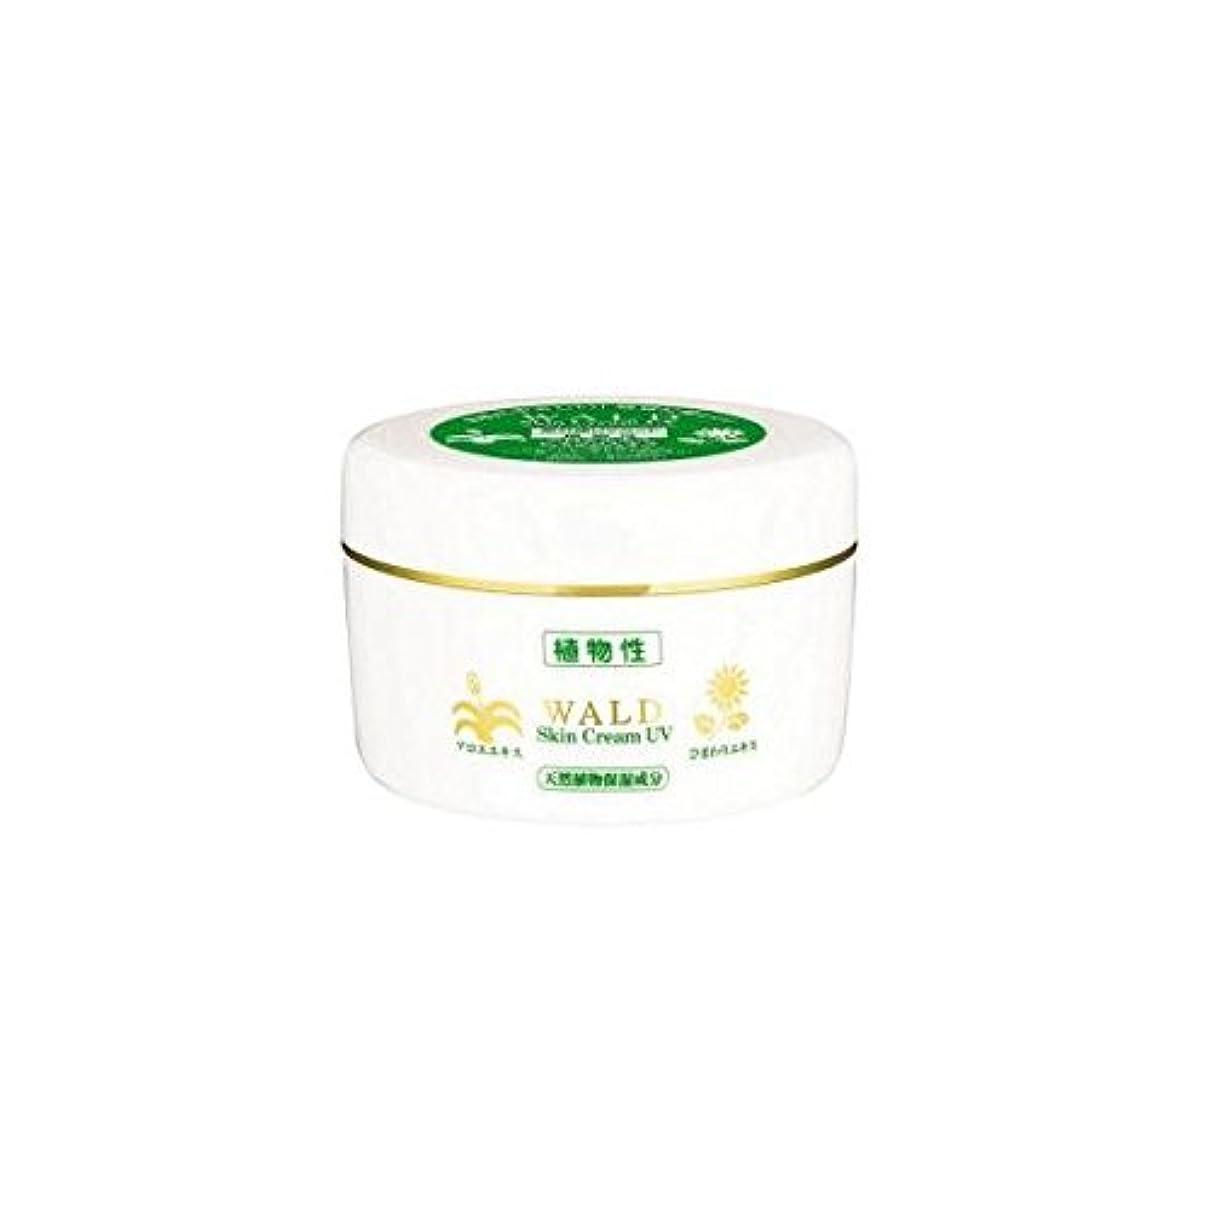 視力ホイップ選ぶ新 ヴァルトスキンクリーム UV (WALD Skin Cream UV) 220g (1)